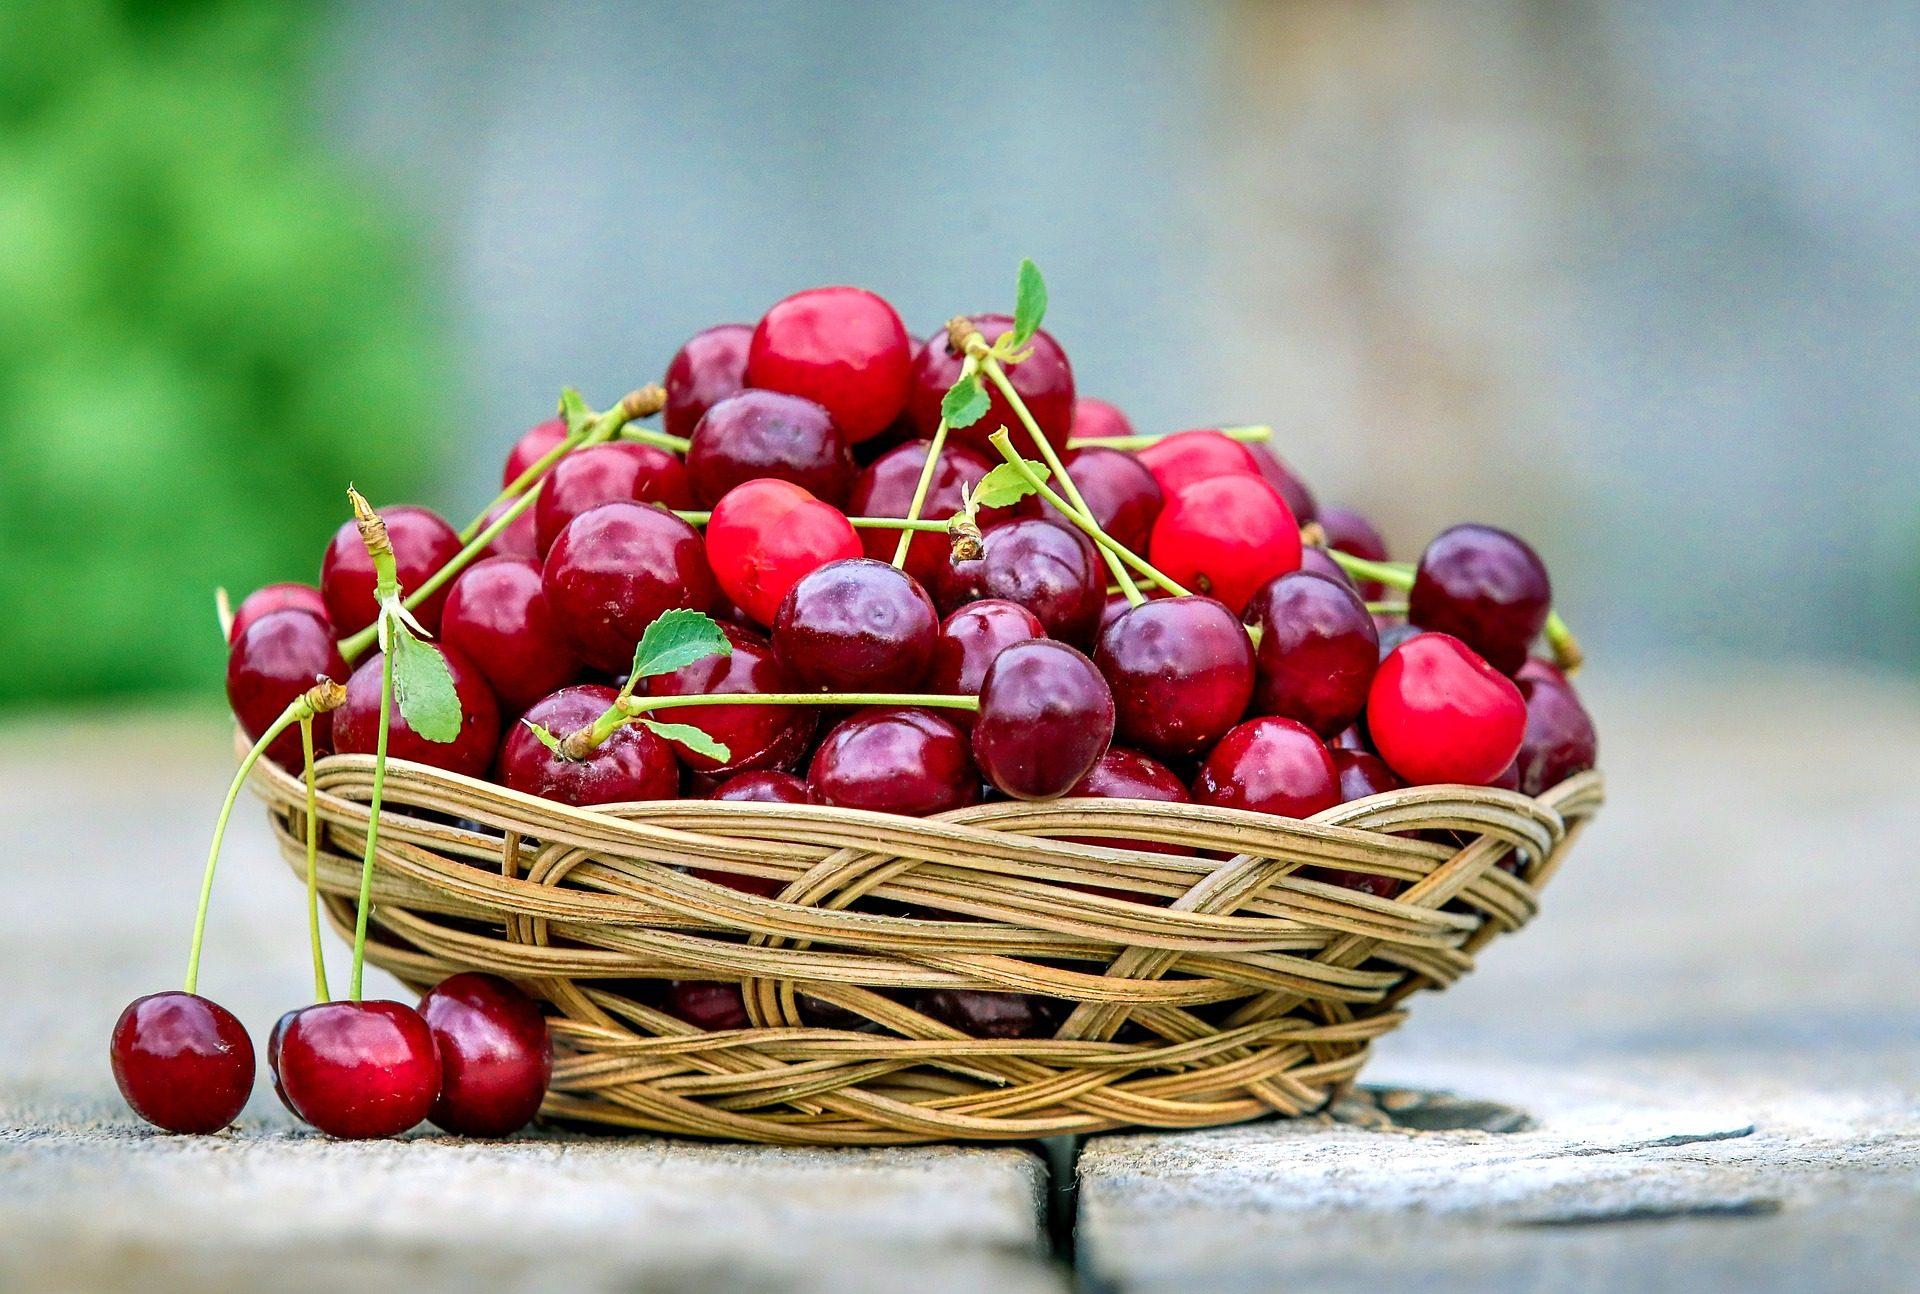 cerejas, demonstrativa, frutas, Rua, cesta, Vime - Papéis de parede HD - Professor-falken.com